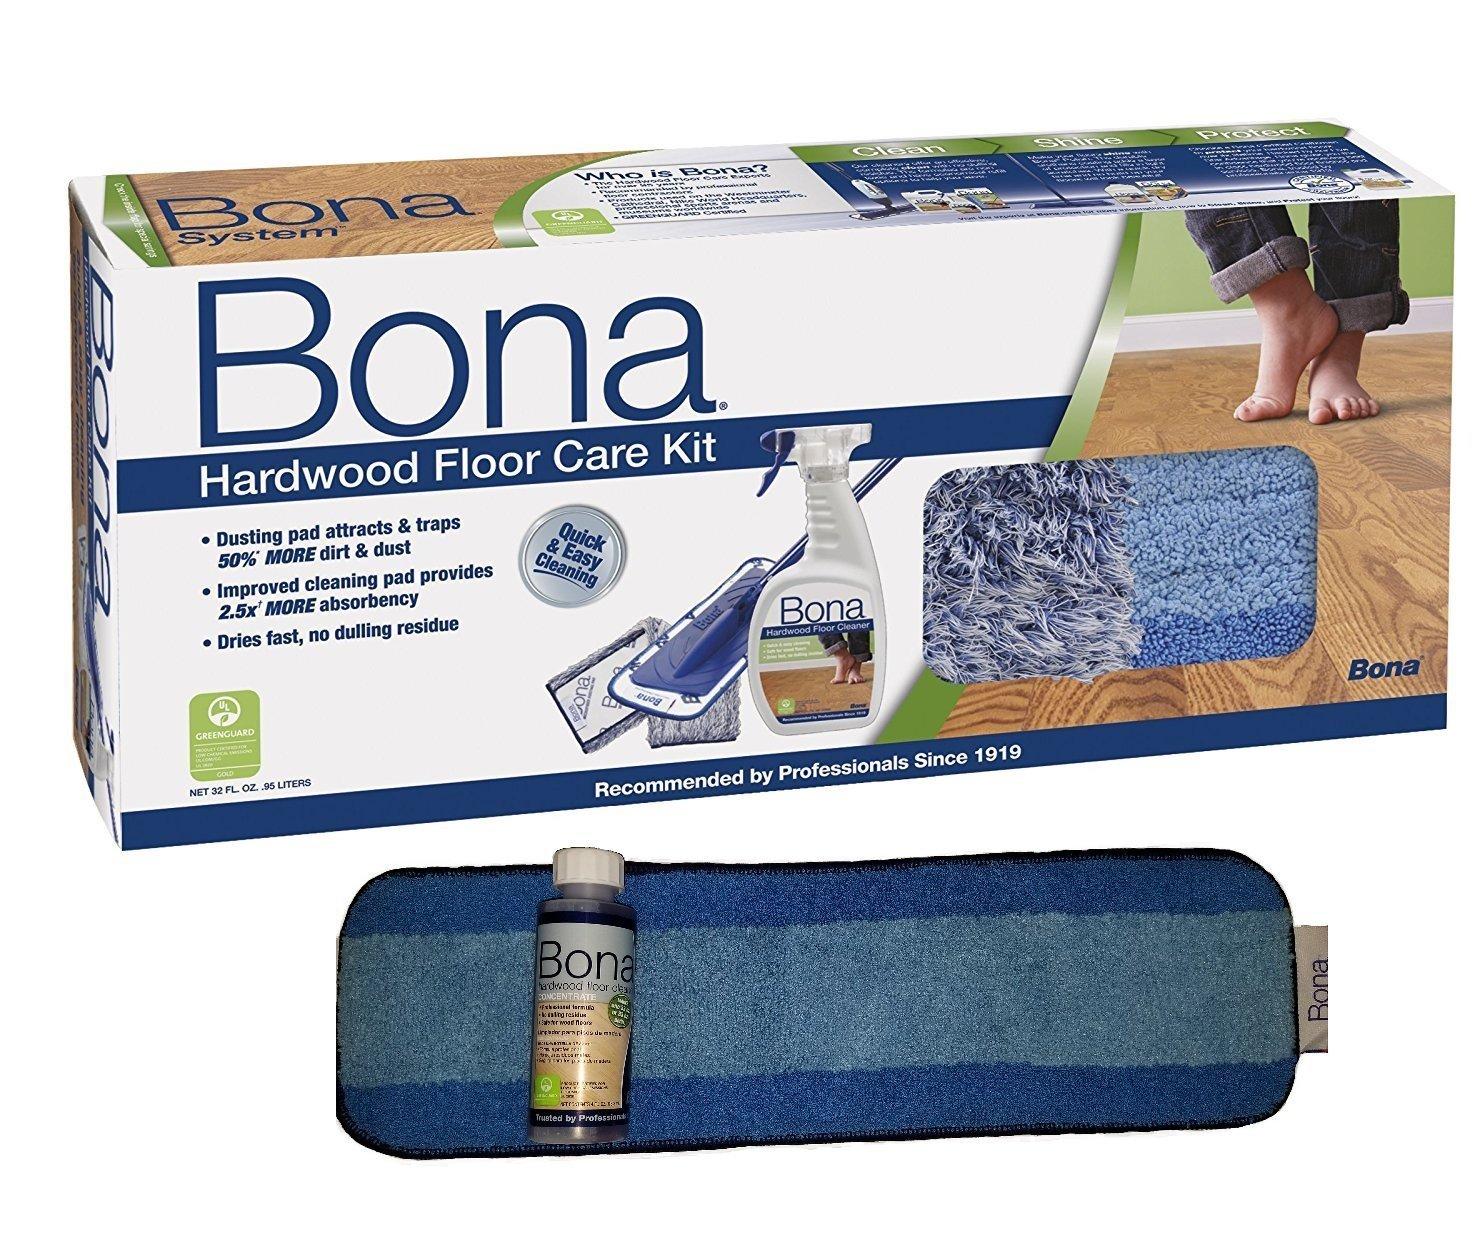 Bona 6 Piece Hardwood Floor Care System (Power Bundle)